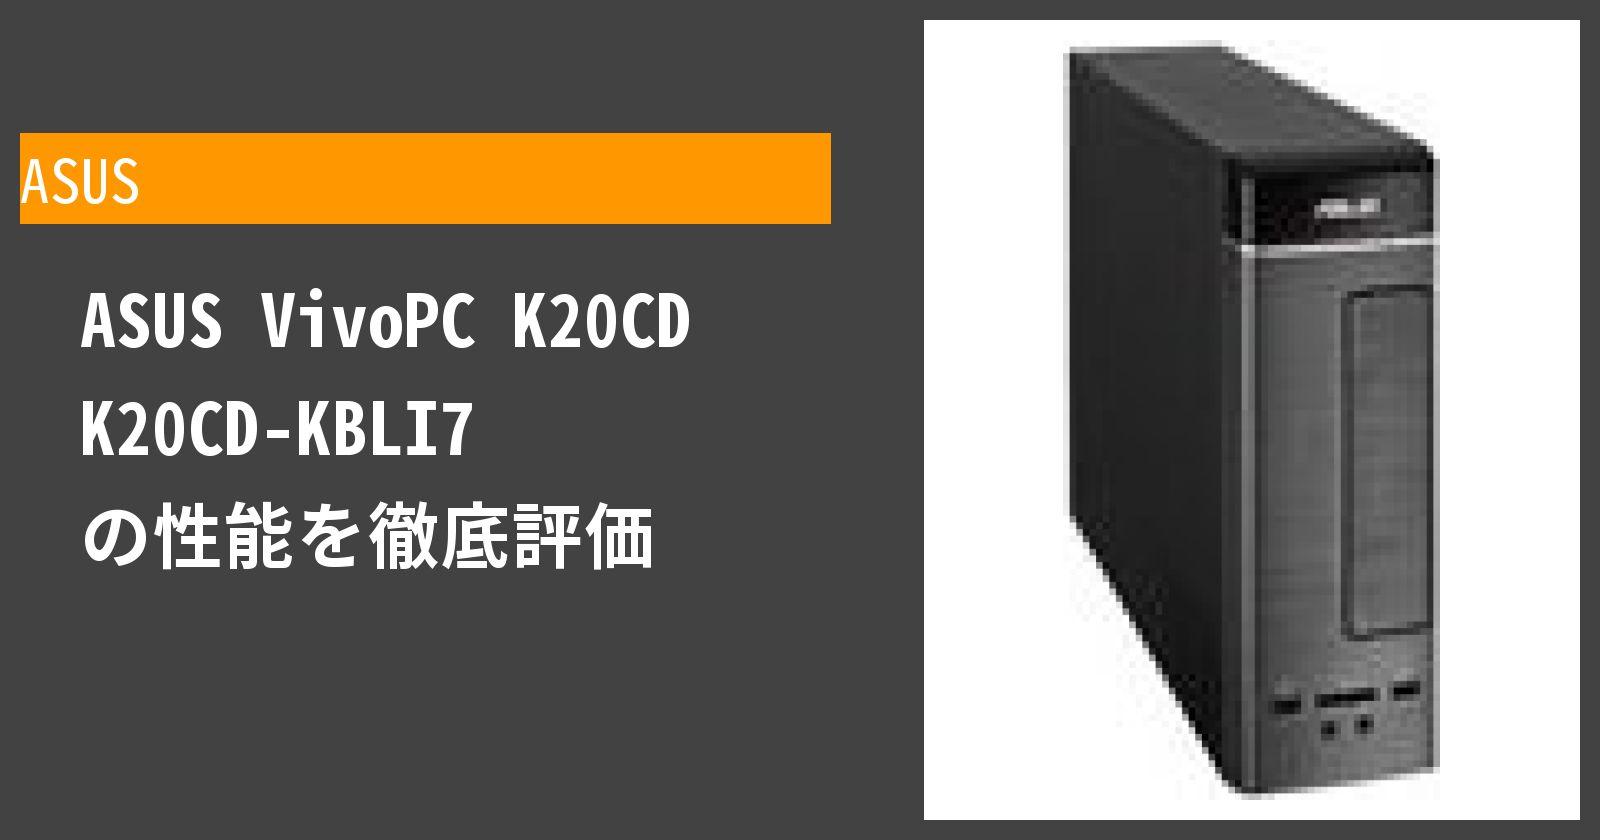 VivoPC K20CD K20CD-KBLI7 の性能を徹底評価